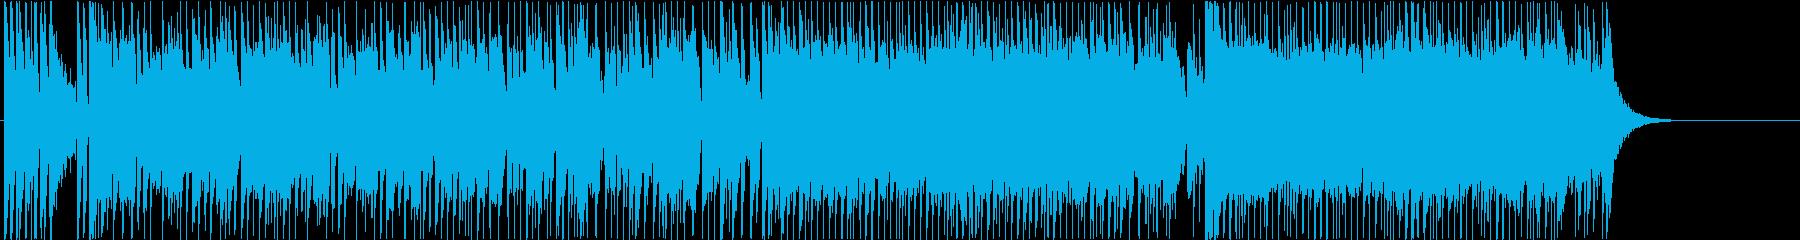 オープニング いきいき 軽快 元気 躍動の再生済みの波形